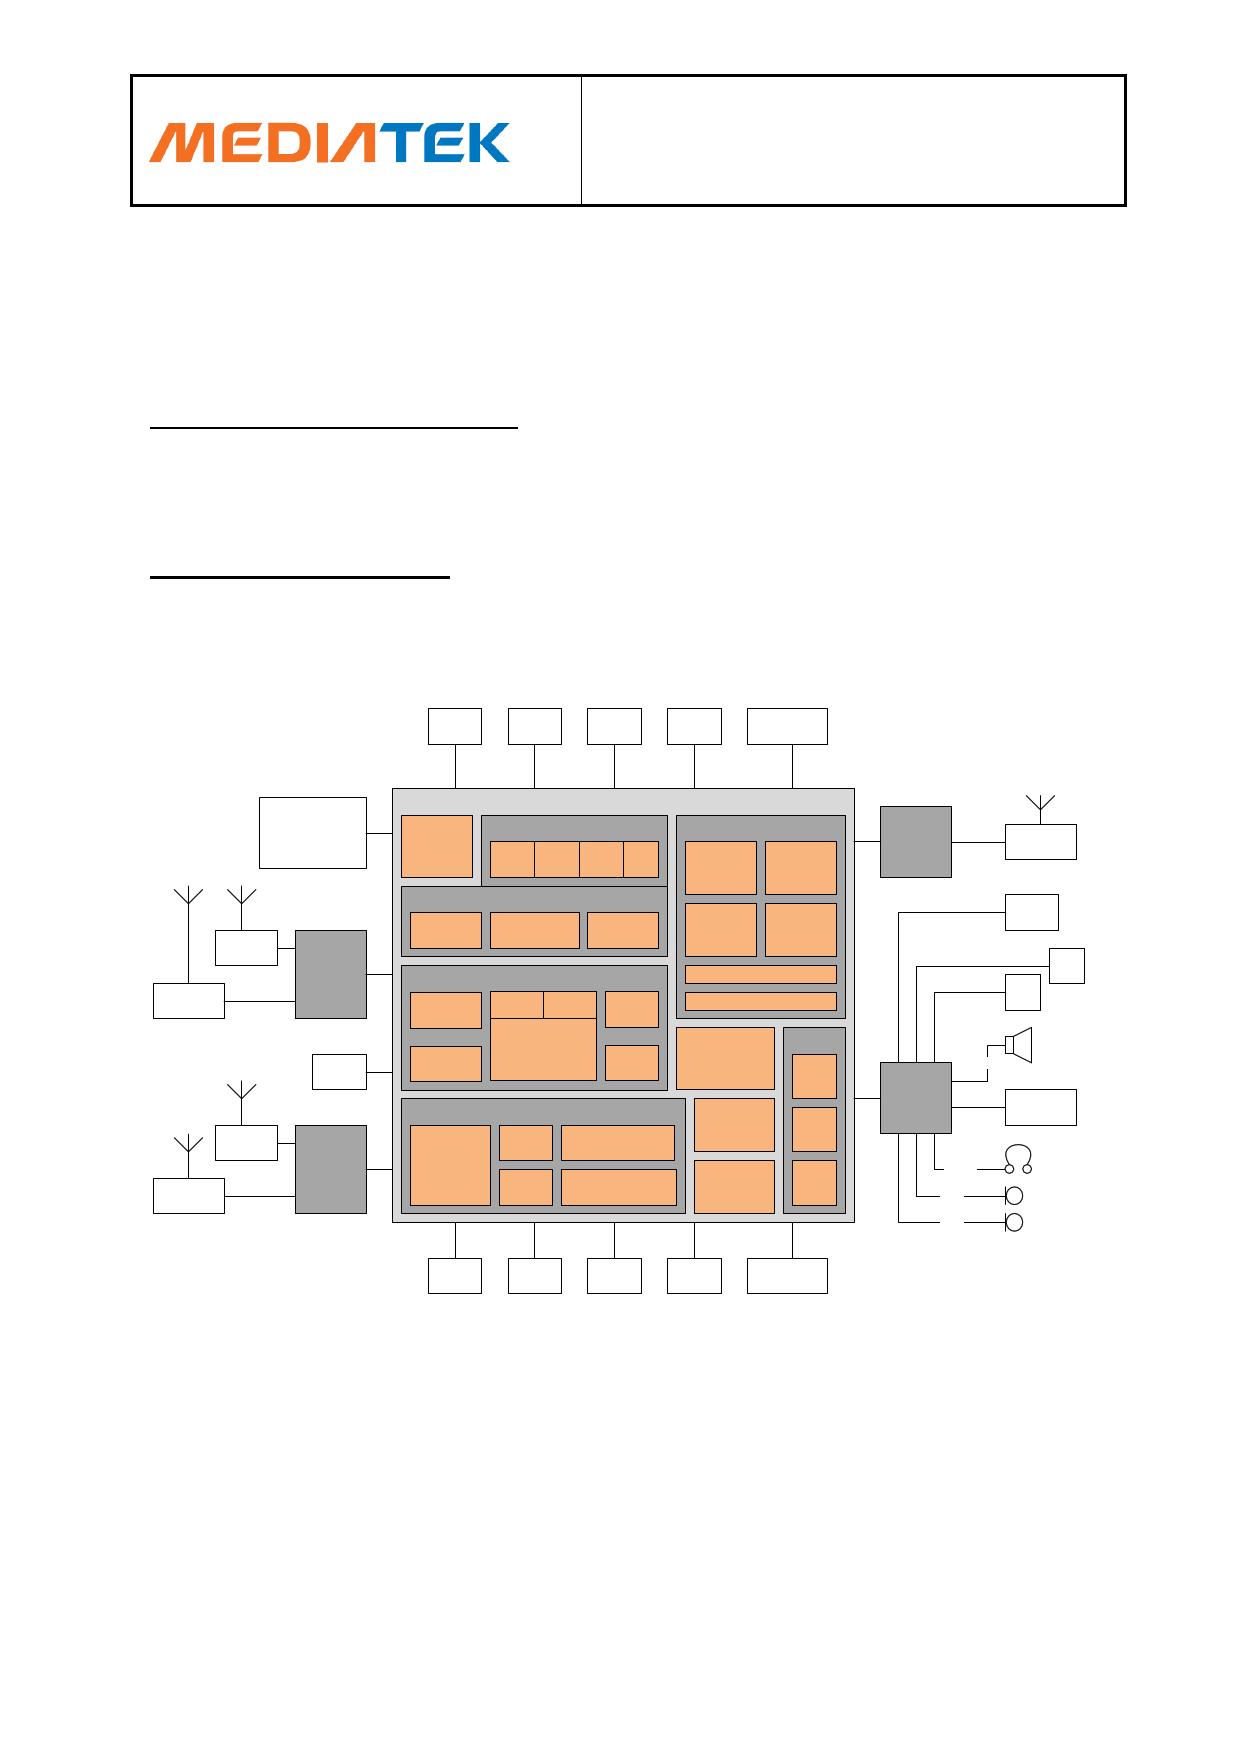 MT6589 arduino